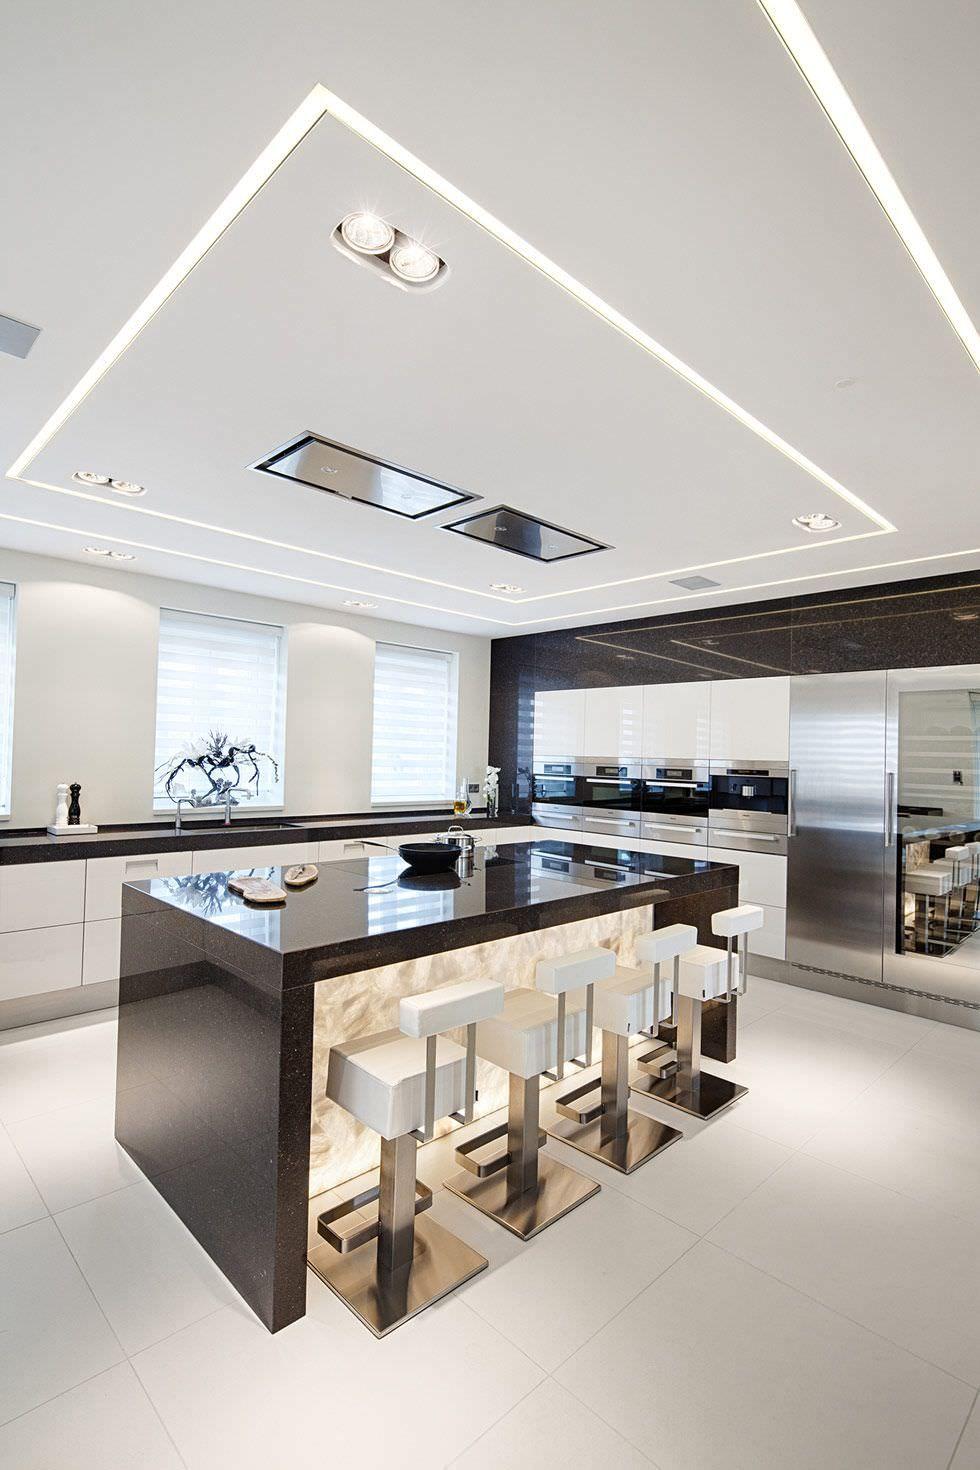 100 idee cucine con isola moderne e funzionali Design